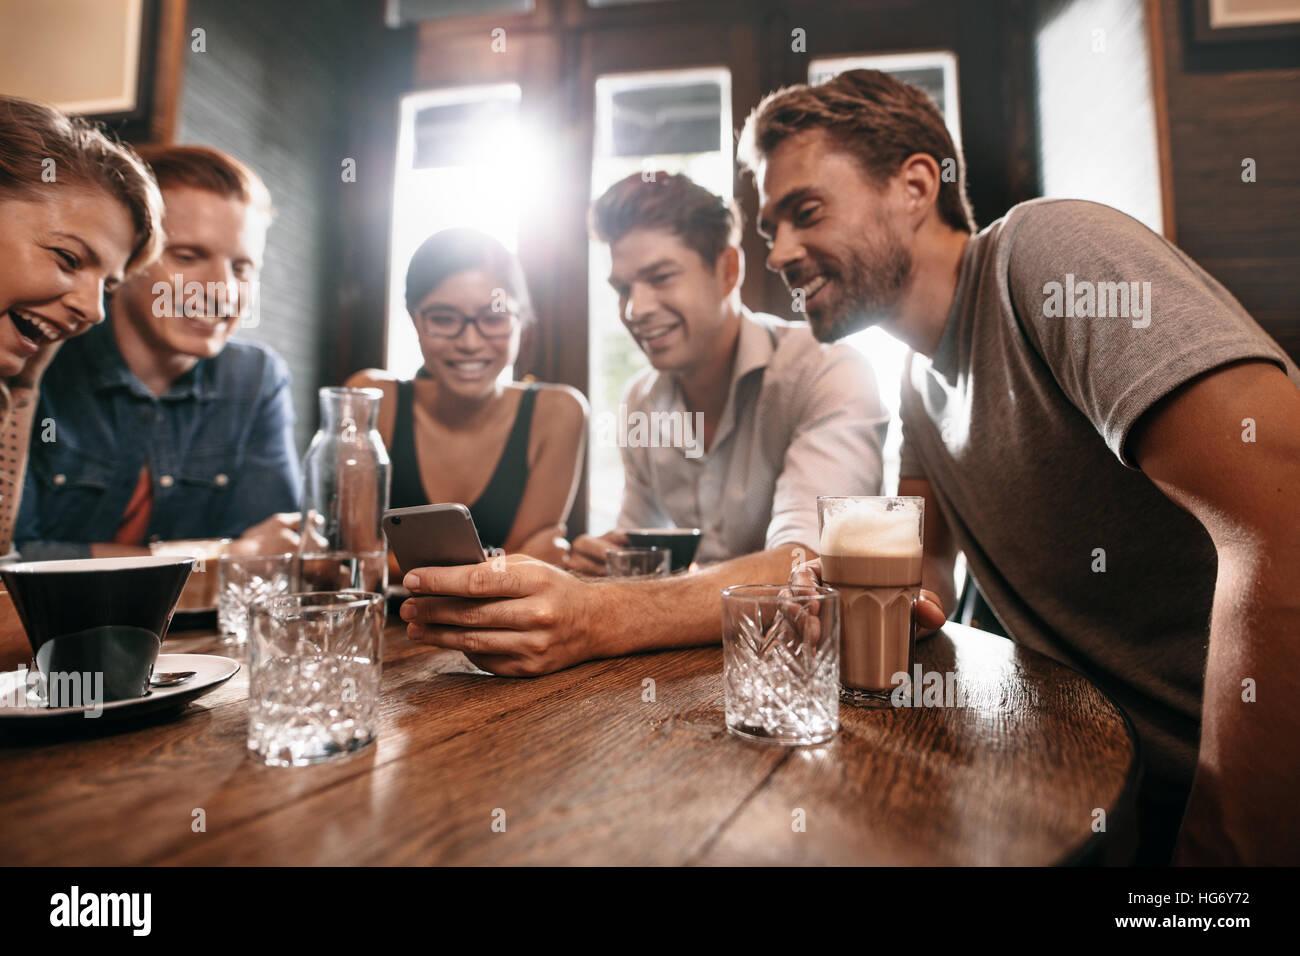 Gruppe von Freunden an einem Cafétisch sitzen und mit Blick auf Handy. Junge Männer und Frauen betrachten Stockbild